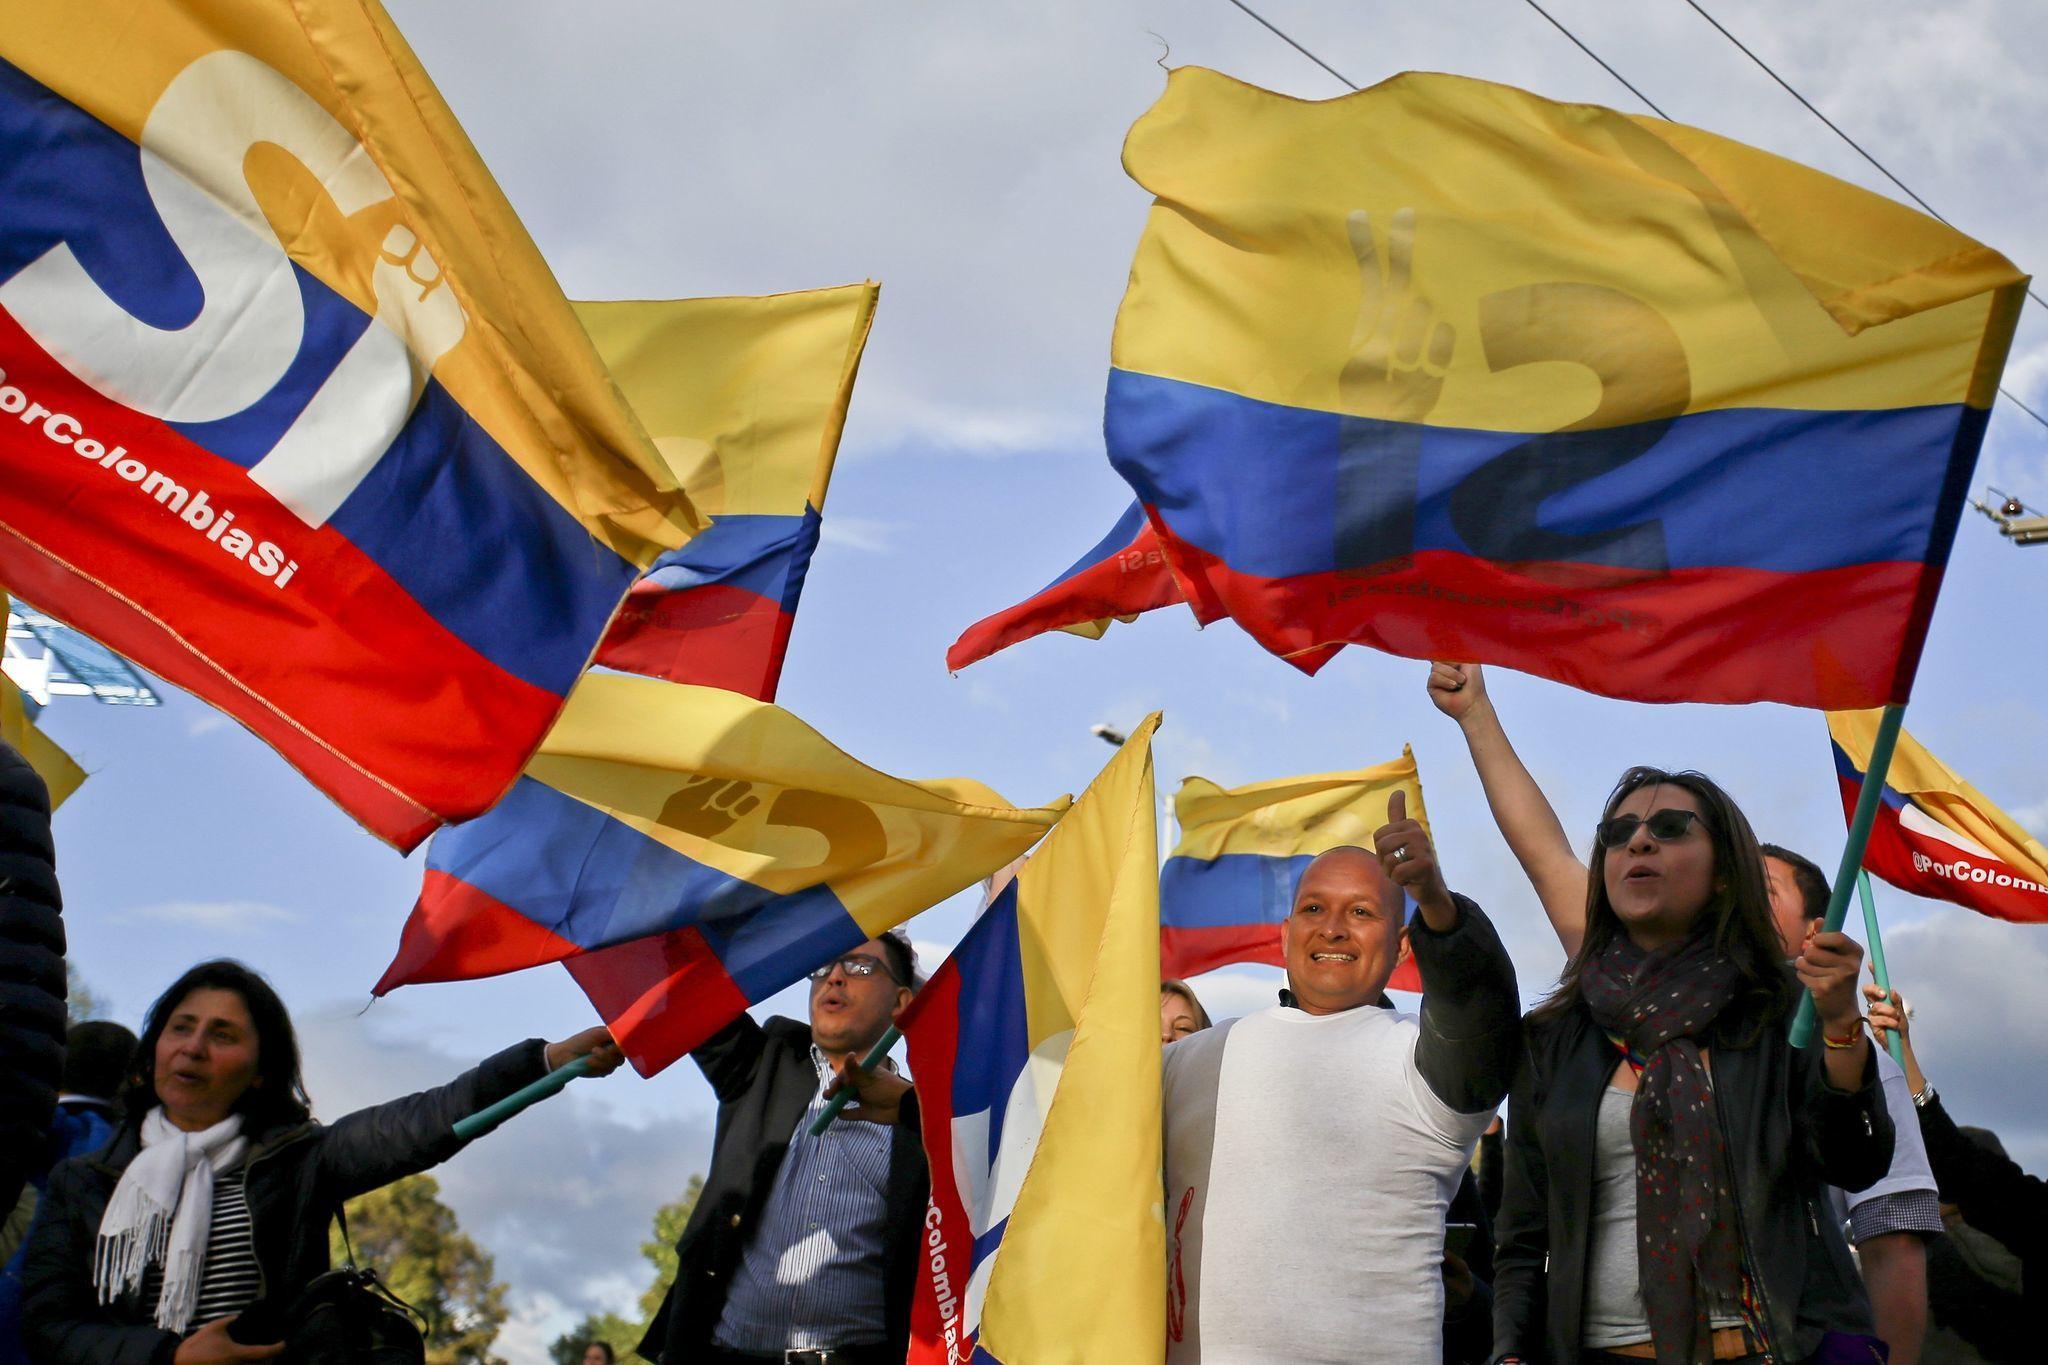 Sí, sí, Colombia; sí, sí, Caribe; sí, sí, la paz